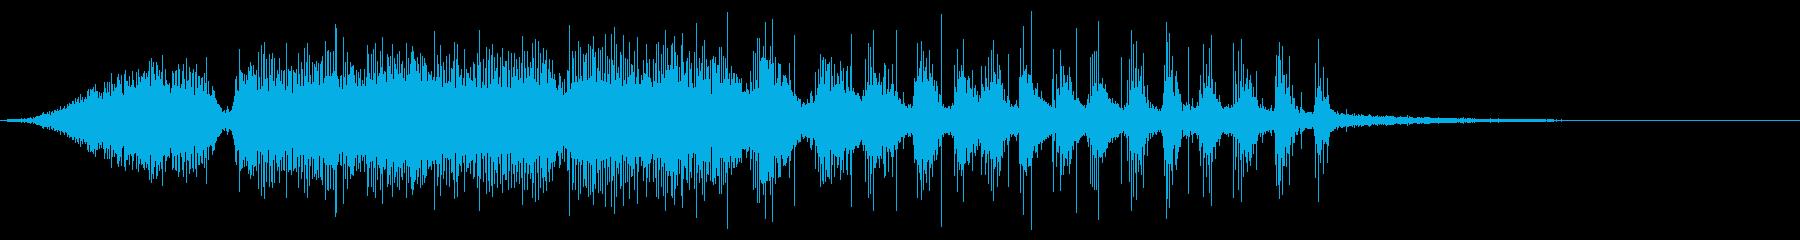 KANTハロウィン系きしんだドア音の再生済みの波形